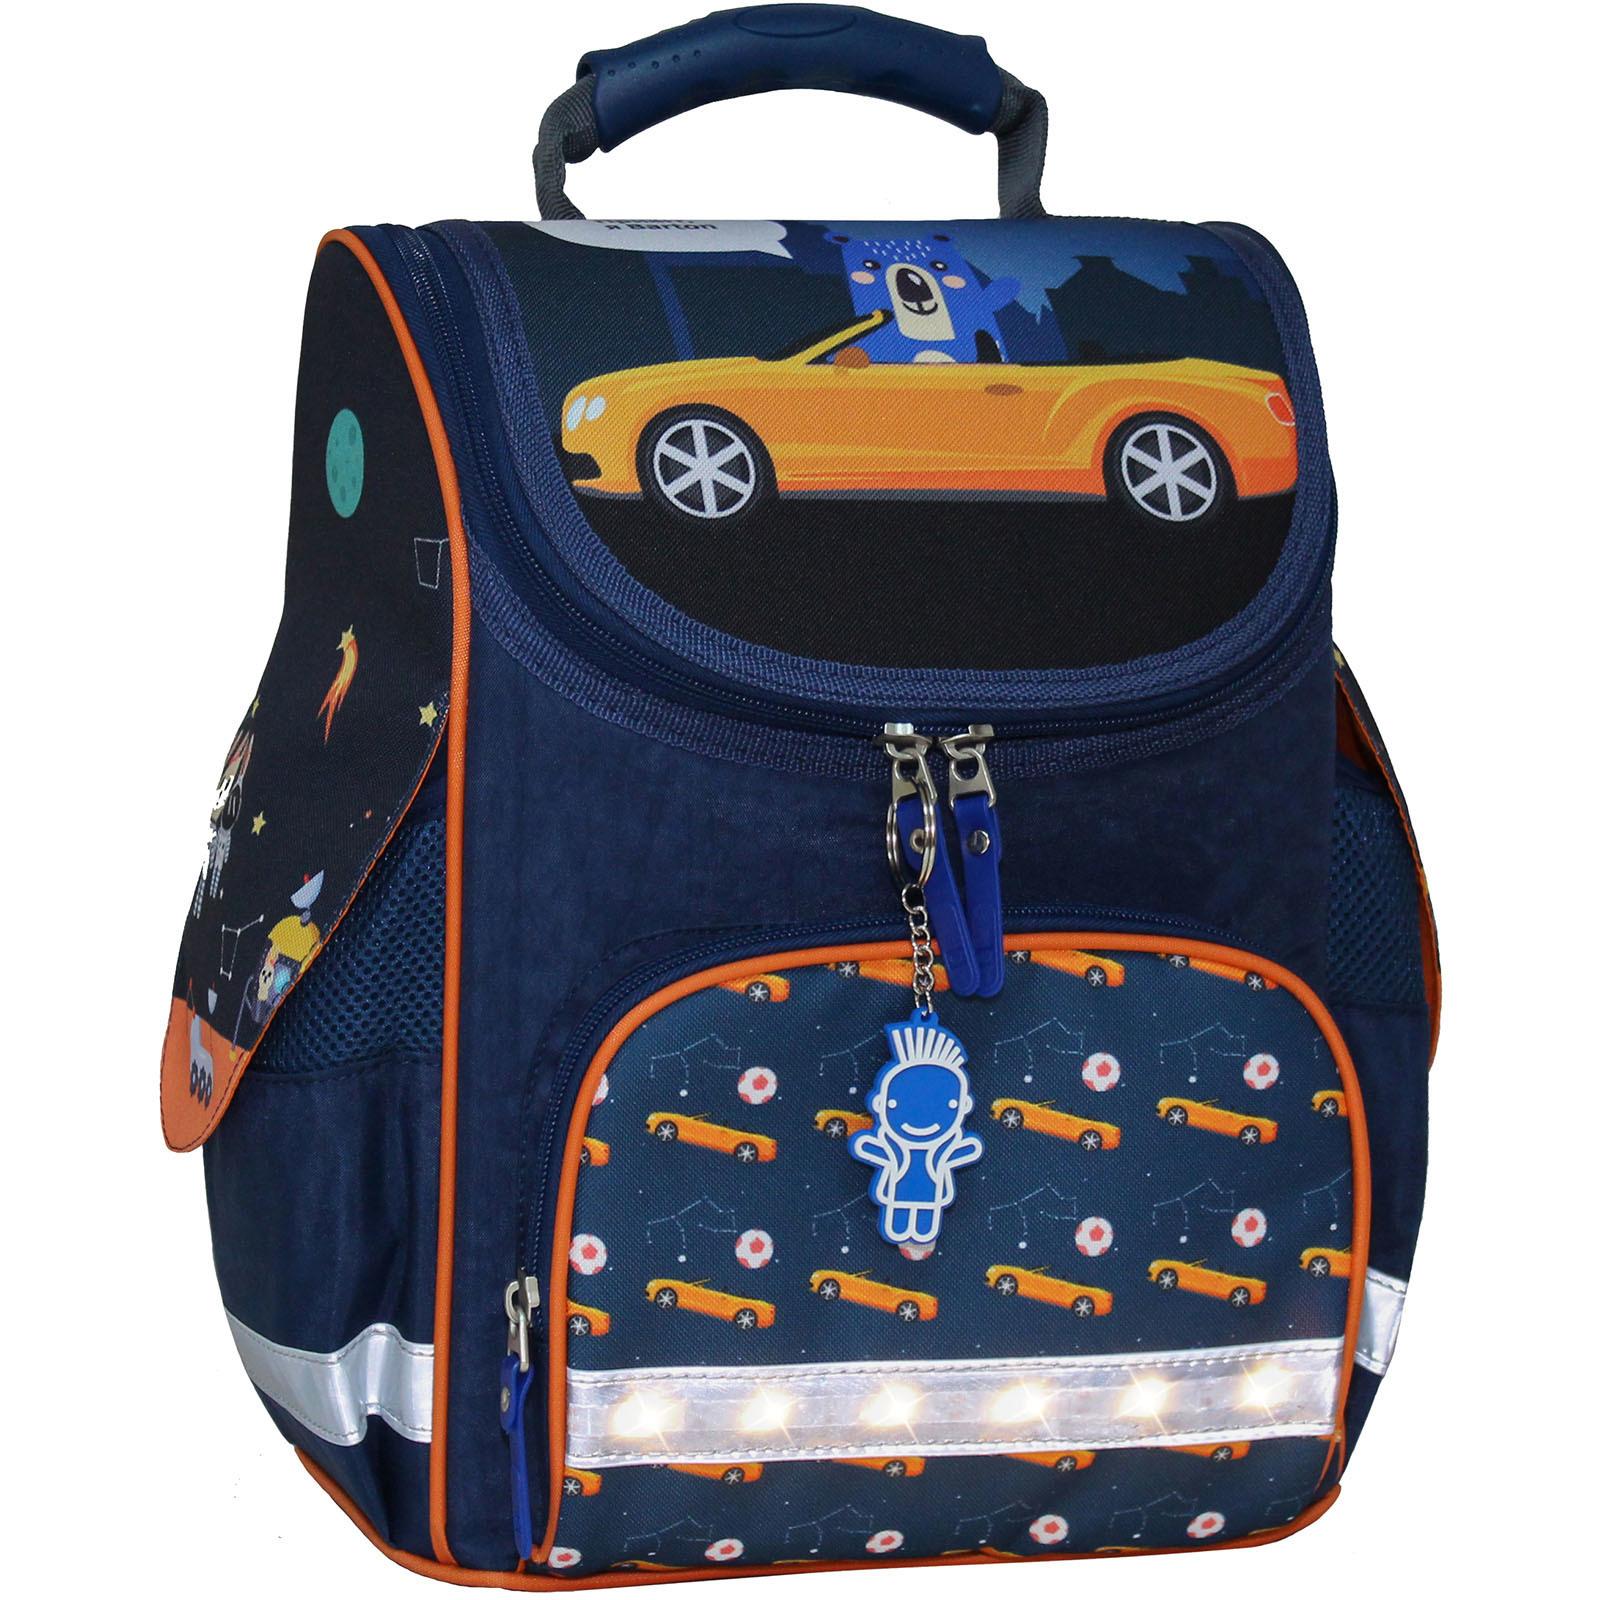 Школьные рюкзаки Рюкзак школьный каркасный с фонариками Bagland Успех 12 л. синий 432 (00551703) IMG_7457.JPG